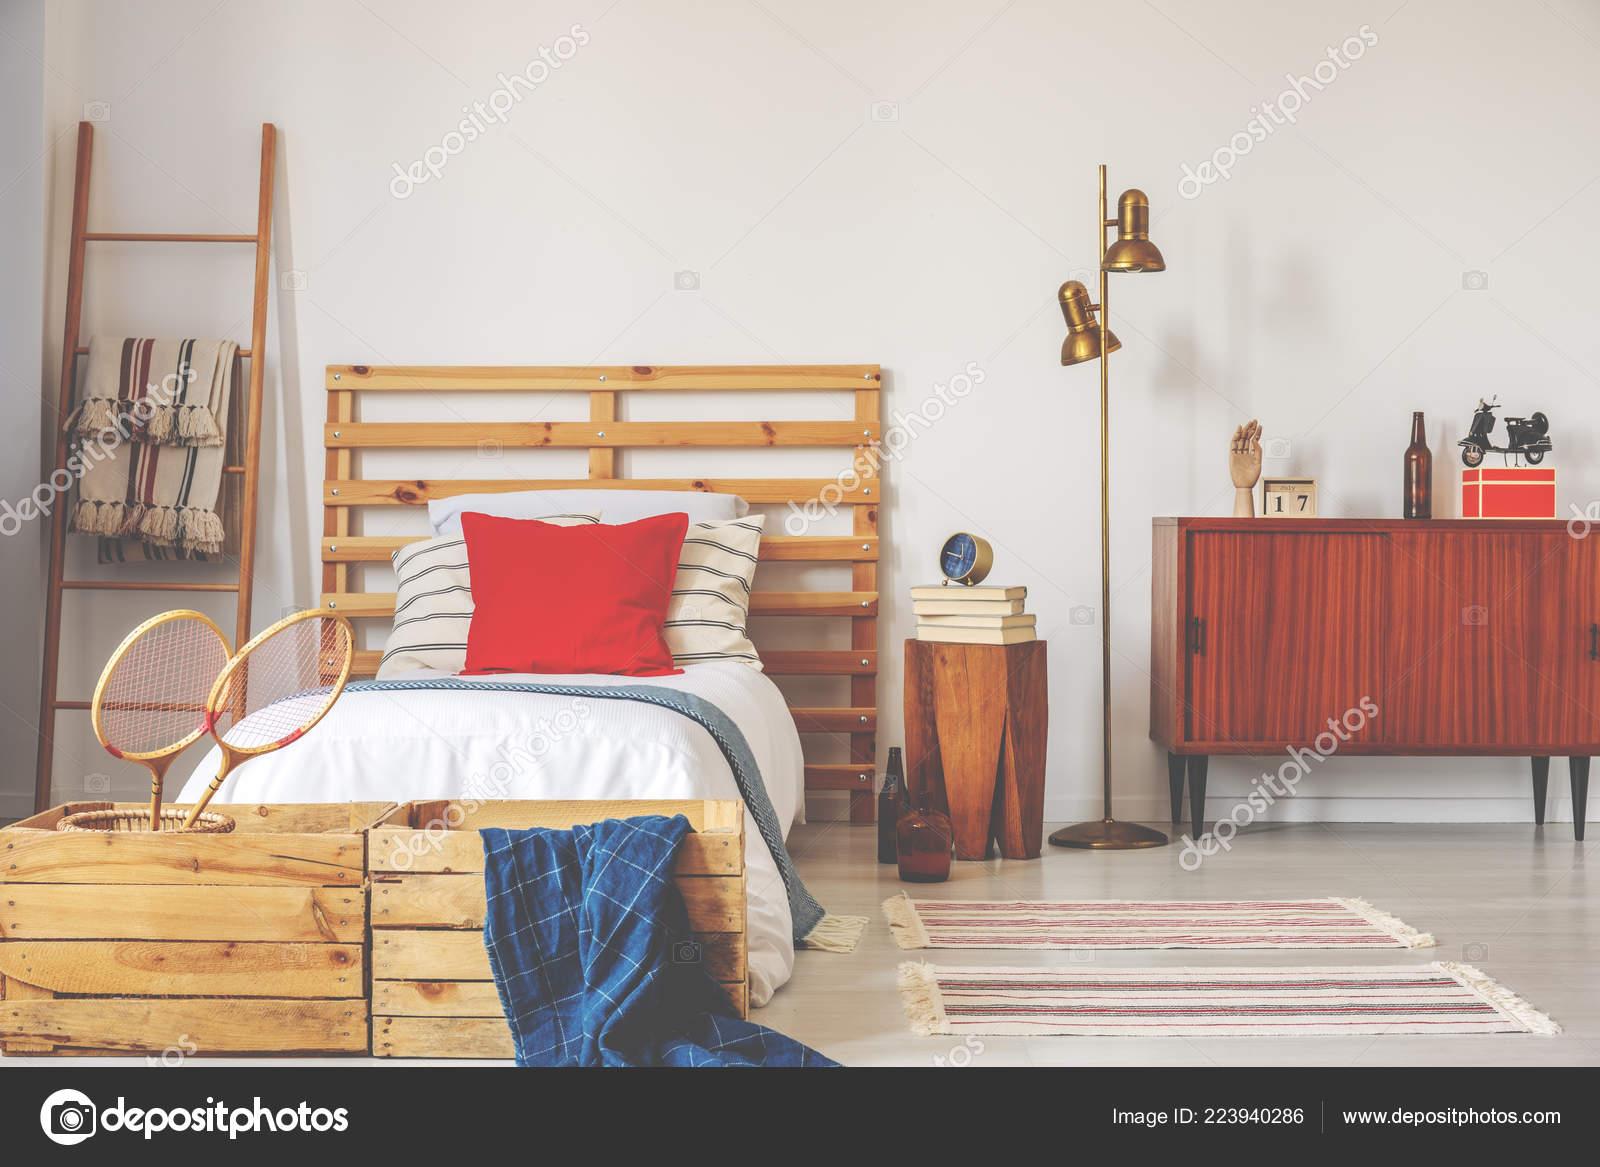 Gouden Lamp Tussen Houten Kast Bed Met Rode Kussen Sport